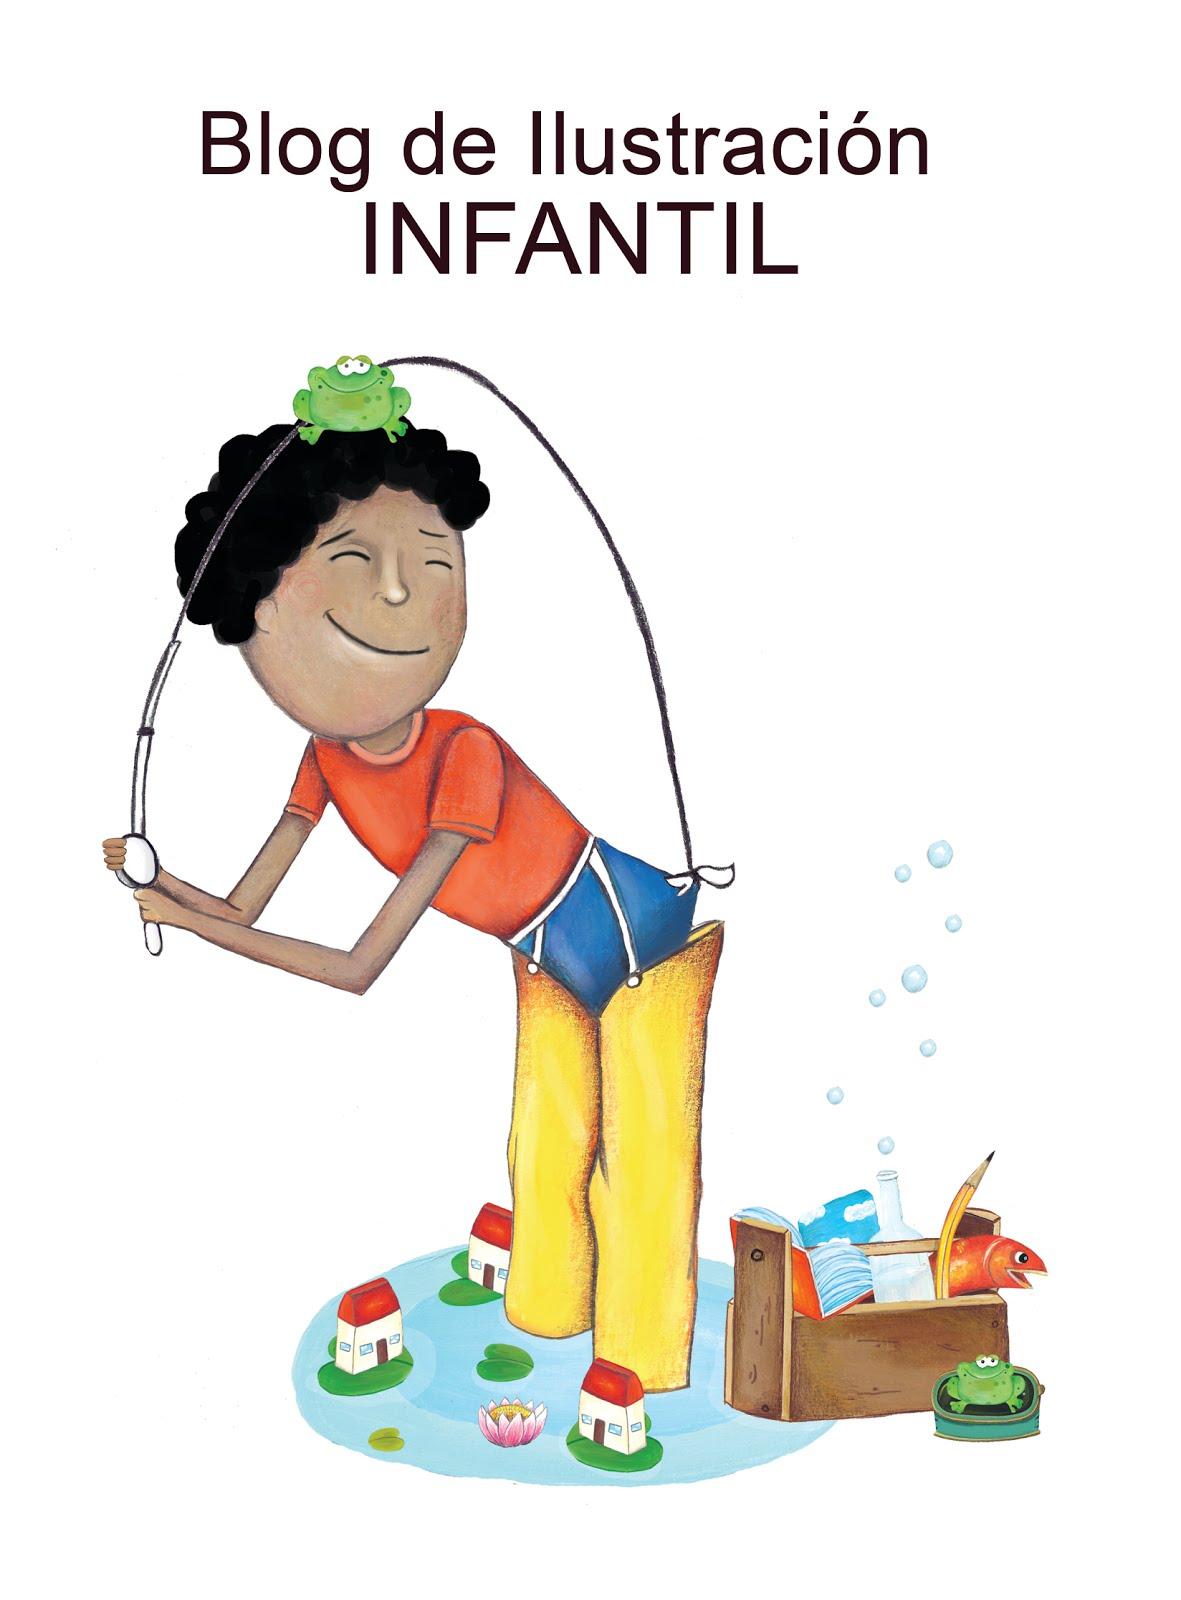 MI BLOG INFANTIL!